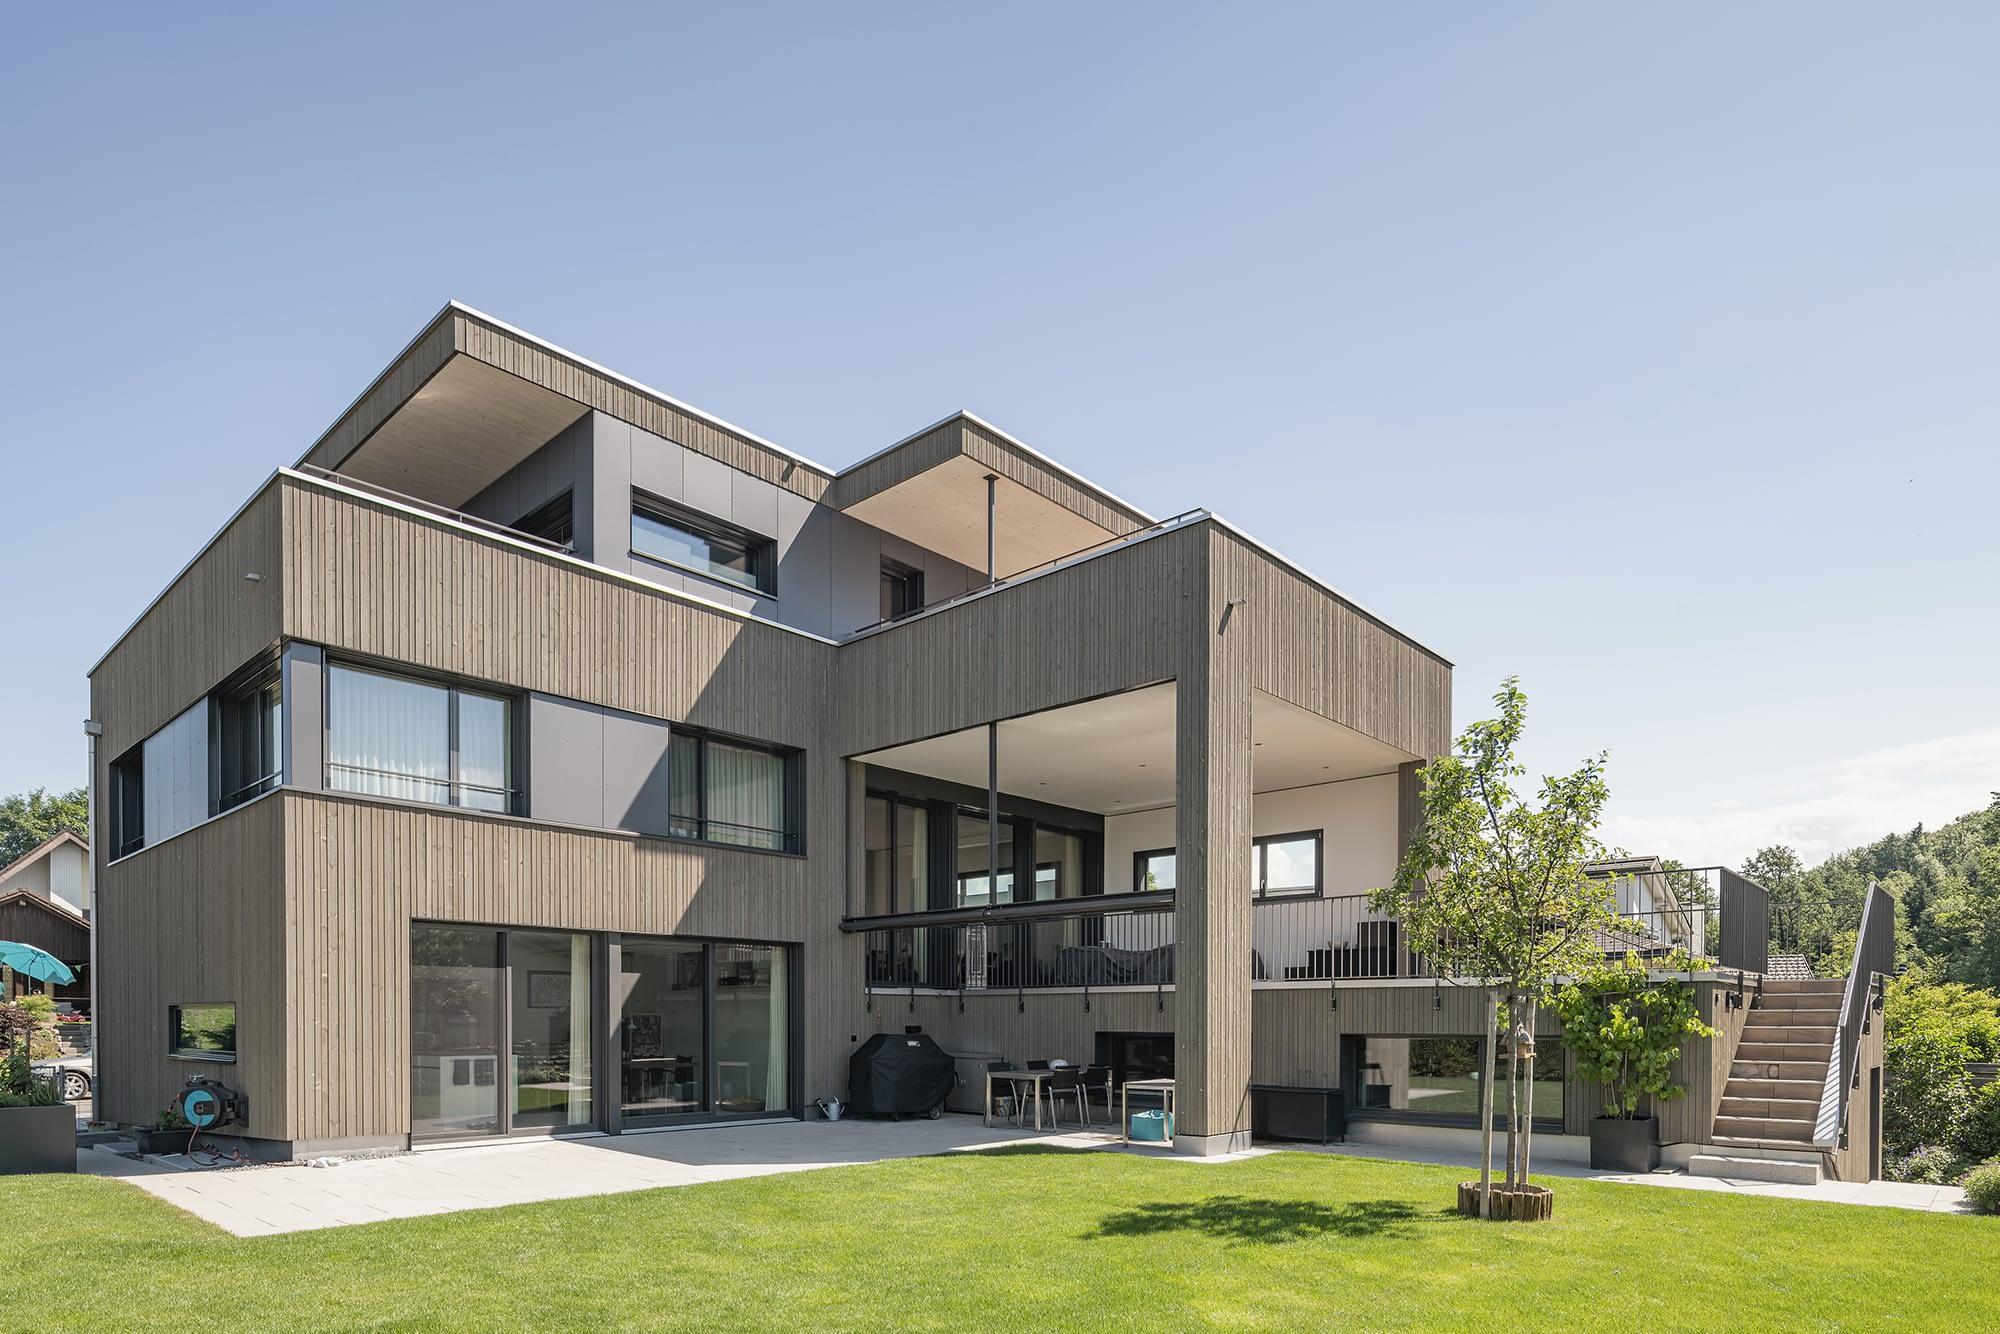 6332 Hagendorn hwp Architekten Neubau Einfamilienhaus